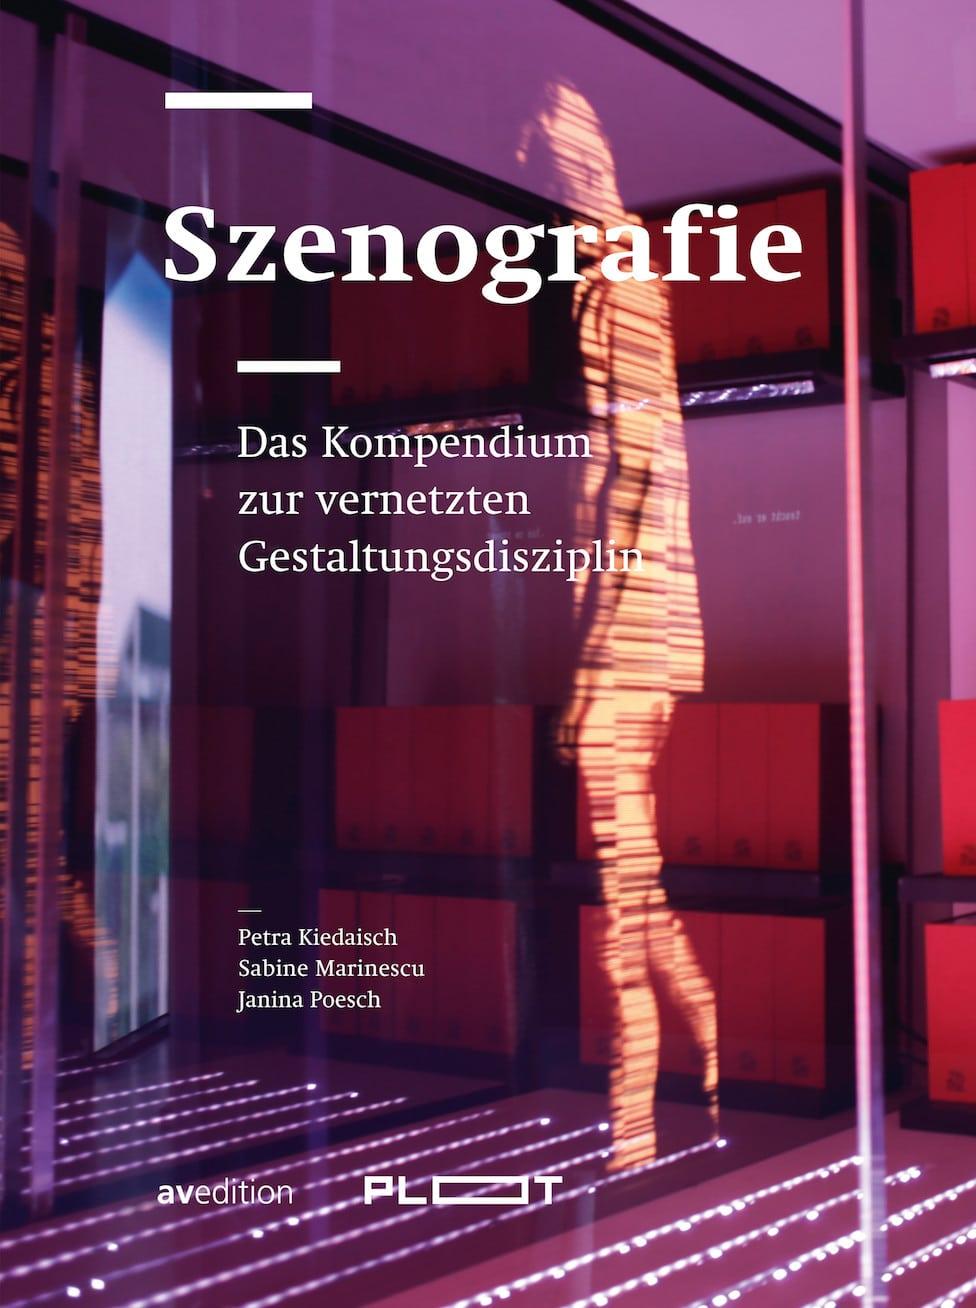 Szenografie das wichtigste Handbuch